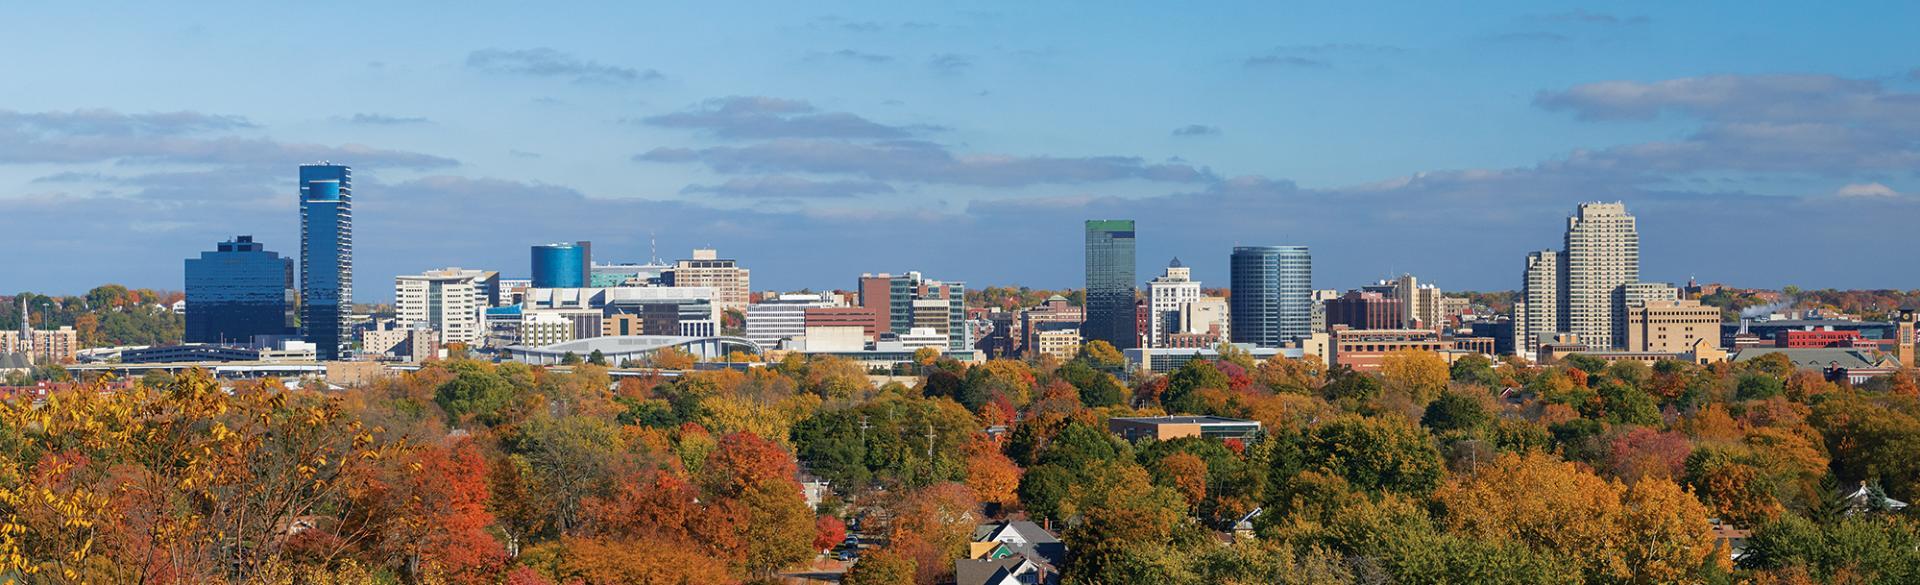 Grand Rapids Skyline - Fall